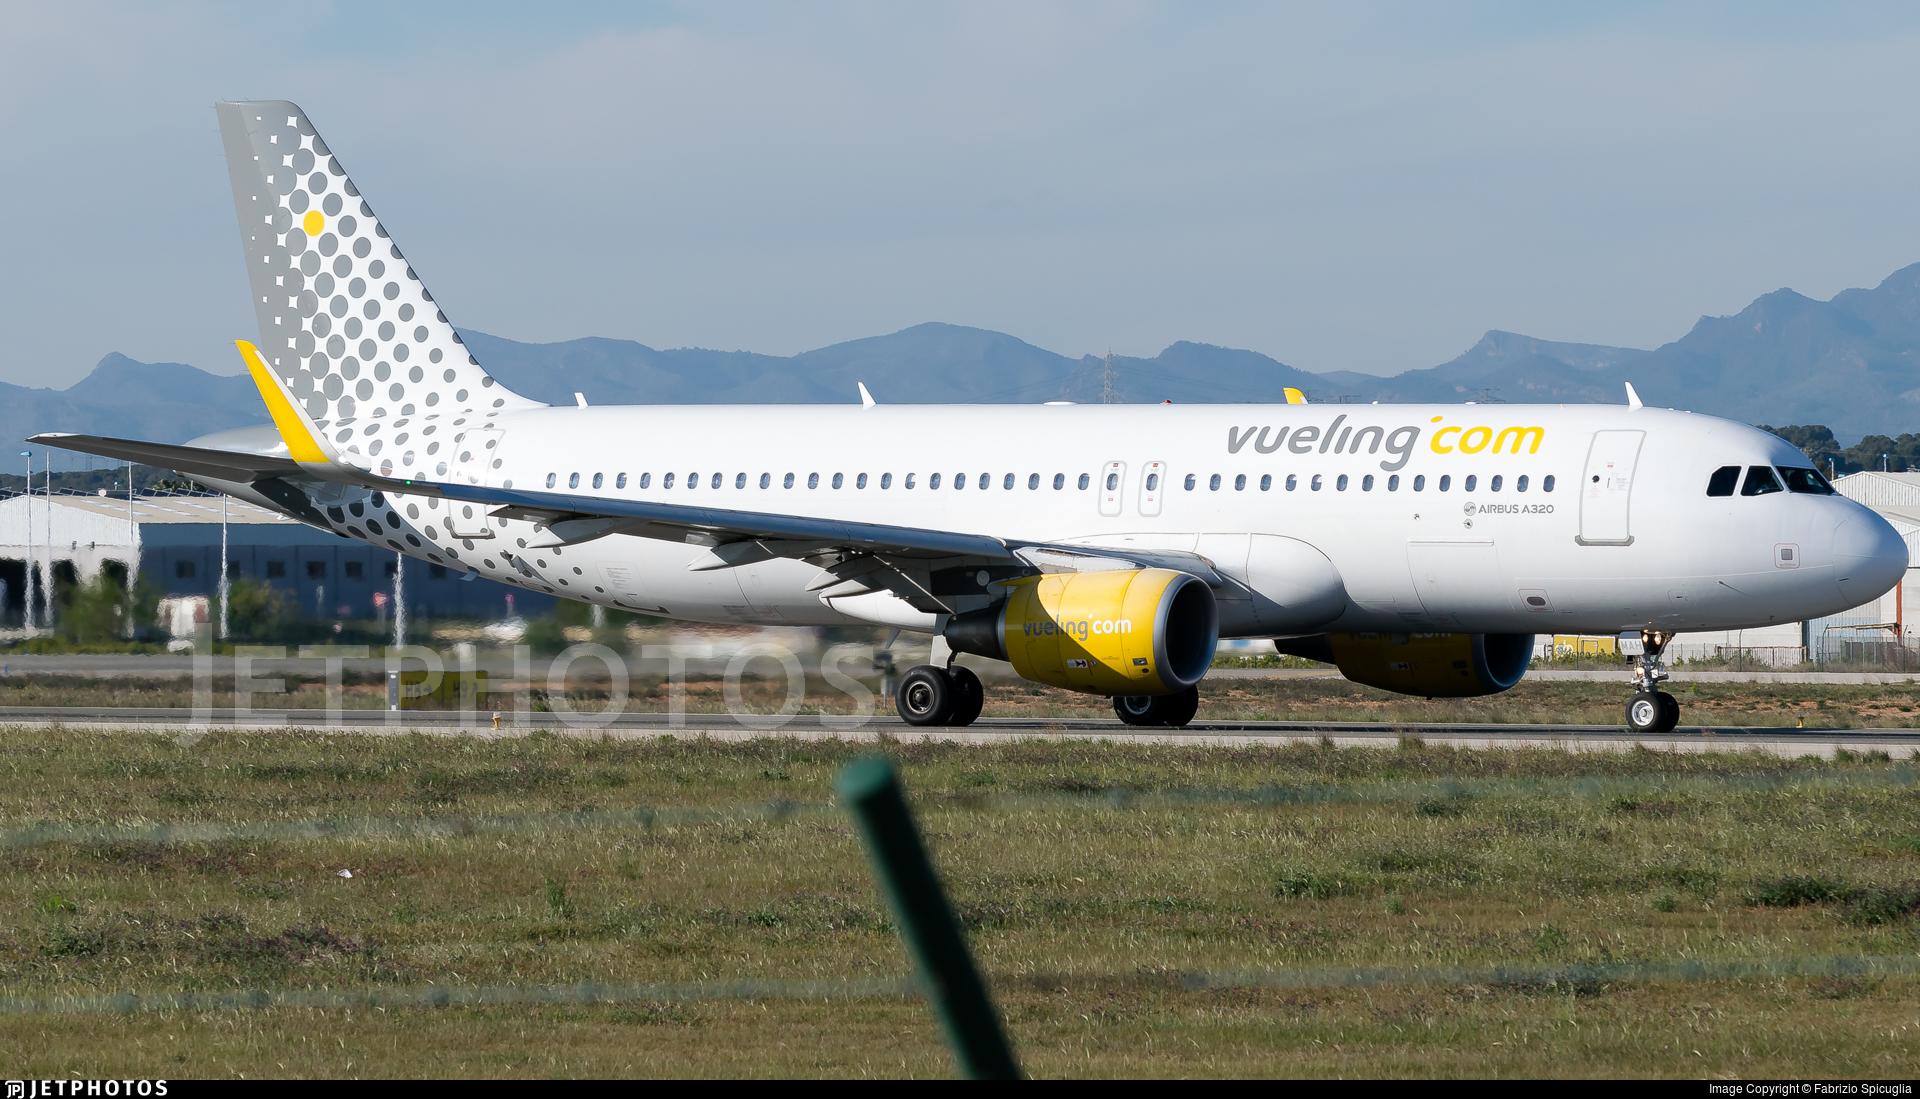 EC-MAH - Airbus A320-214 - Vueling